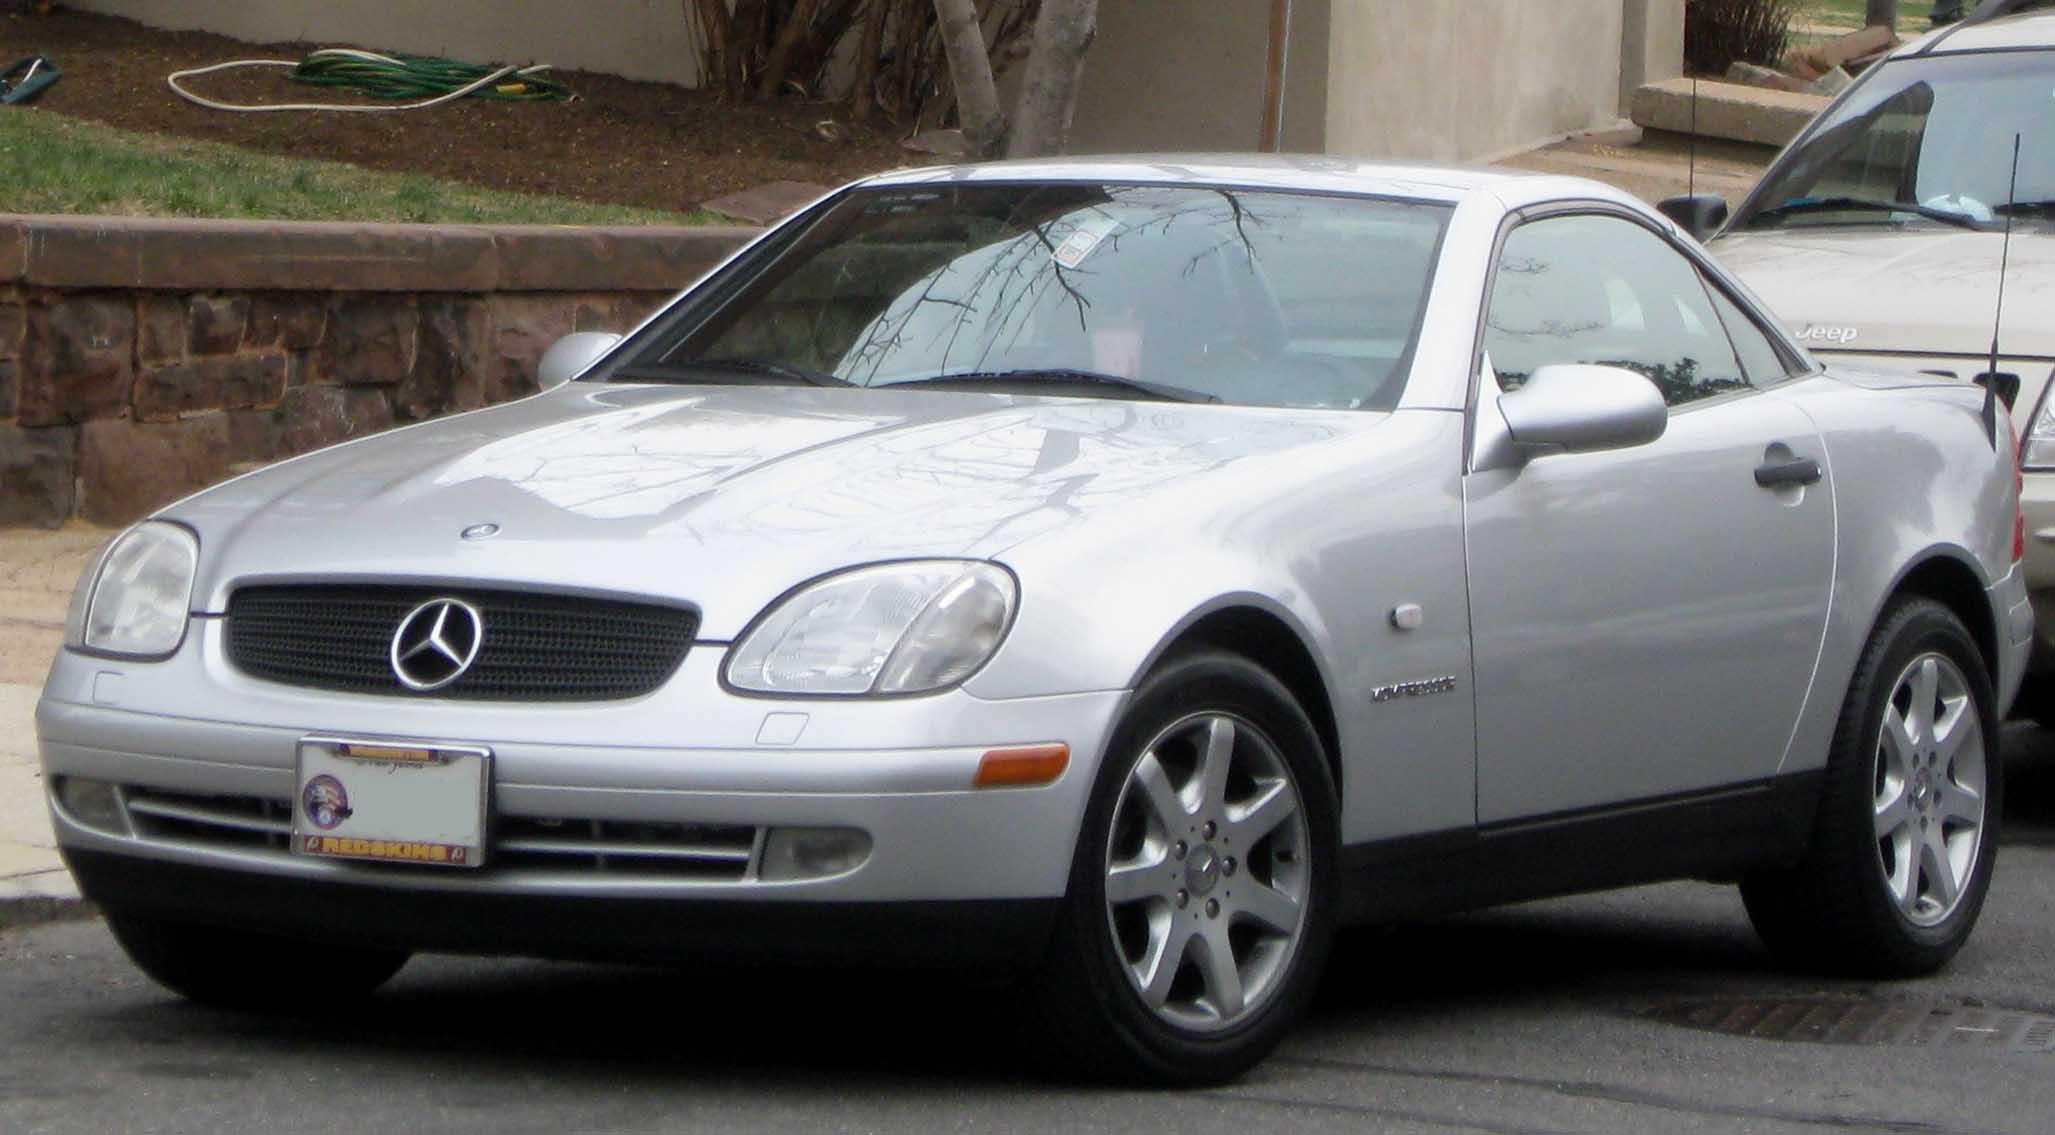 Mercedes-Benz SLK-klasse AMG I (R170) 2001 - 2004 Roadster #3